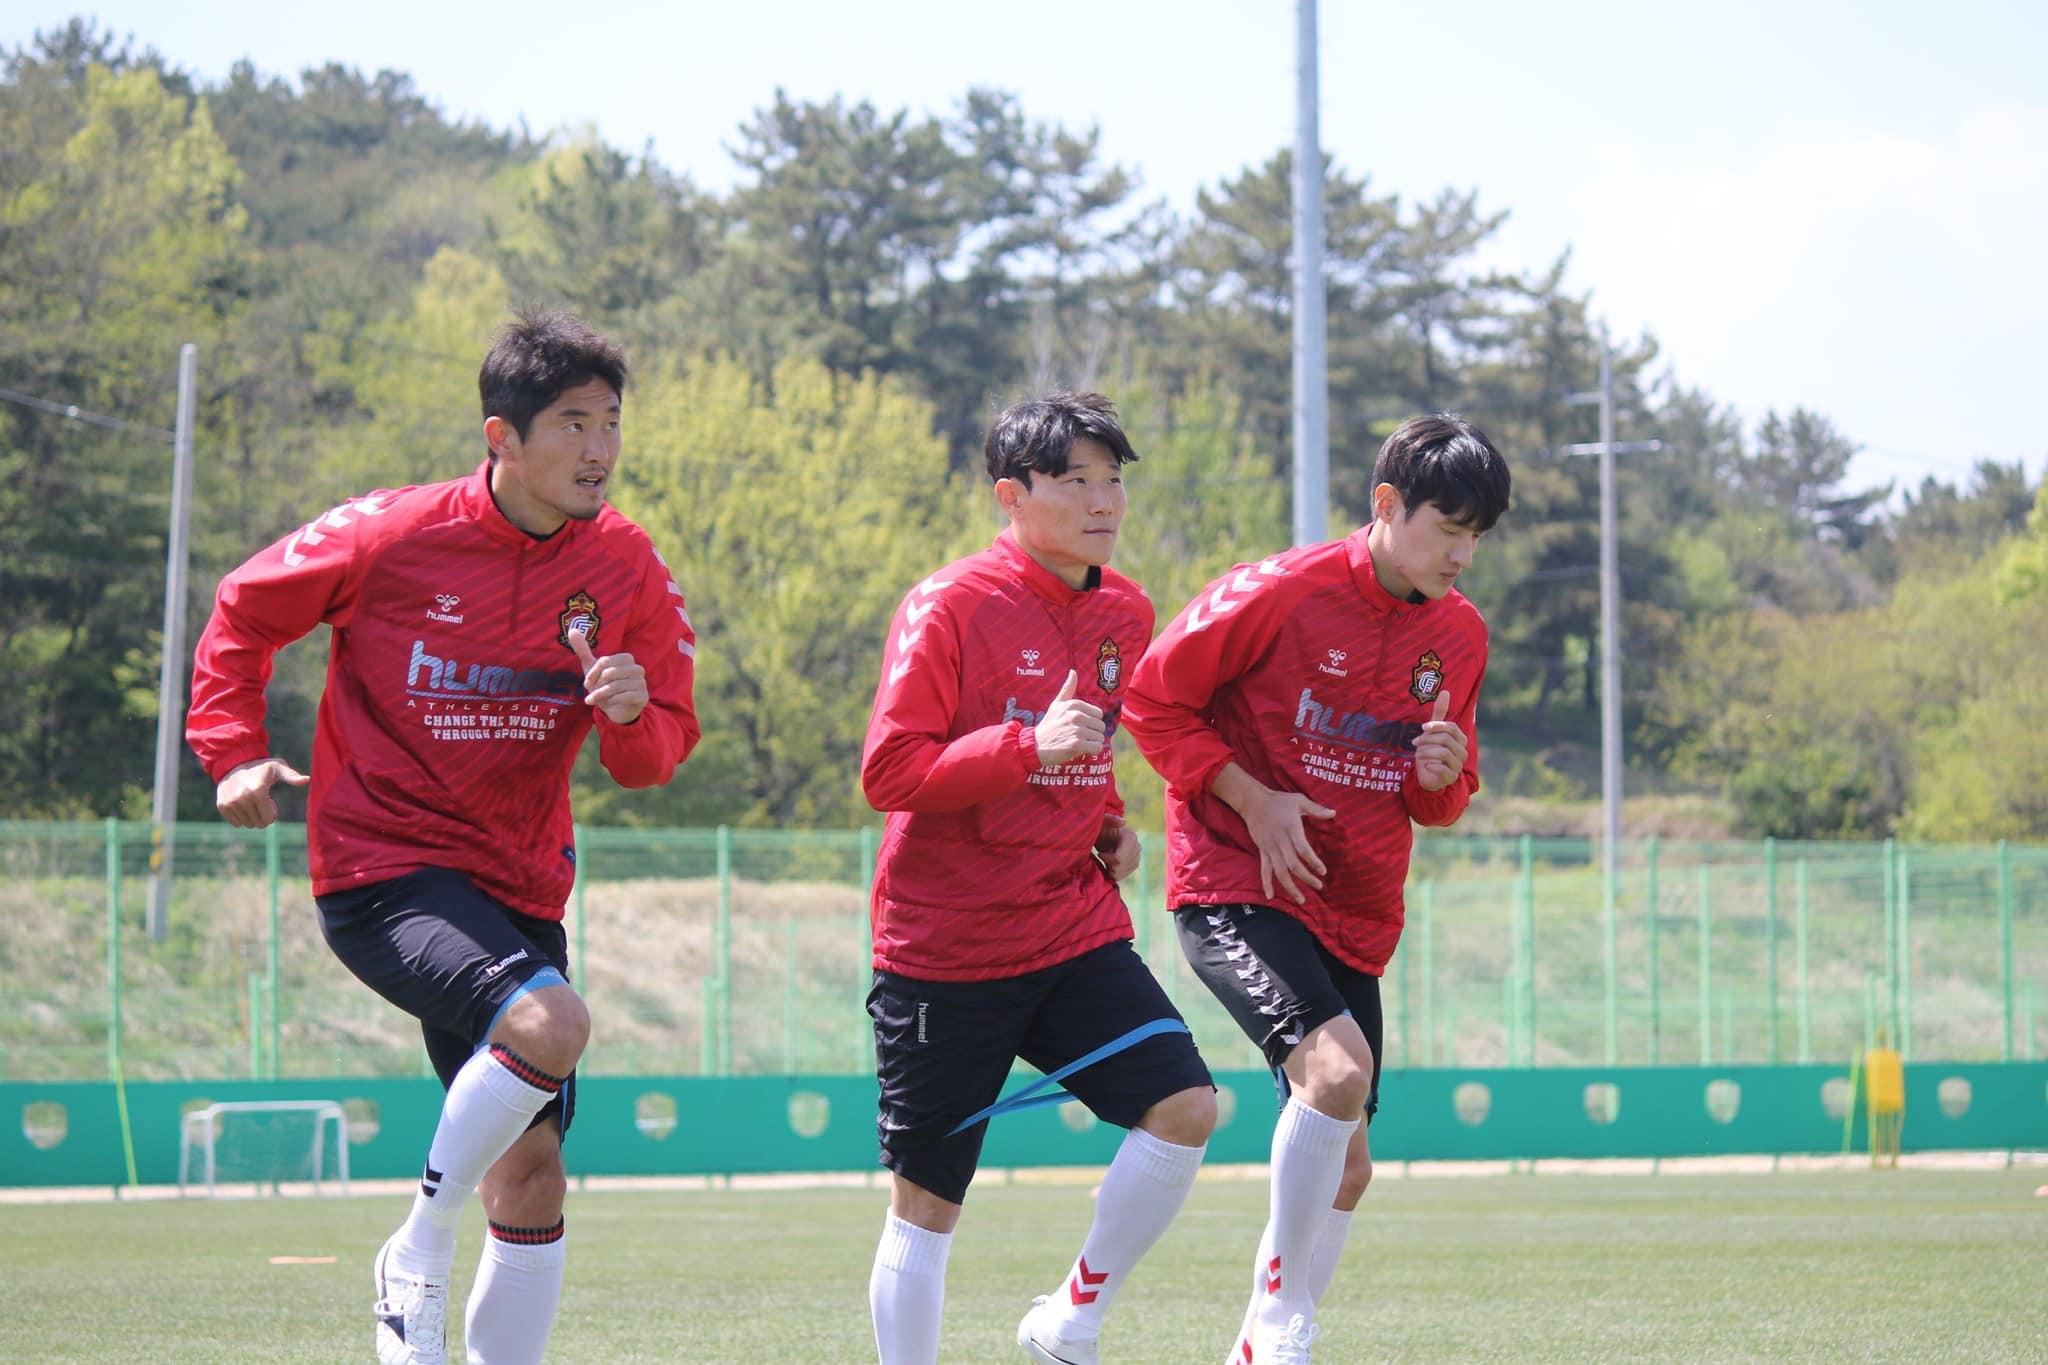 soi-keo-gyeongnam-fc-vs-jeonnam-dragons-vao-16h30-ngay-10-5-2020-1